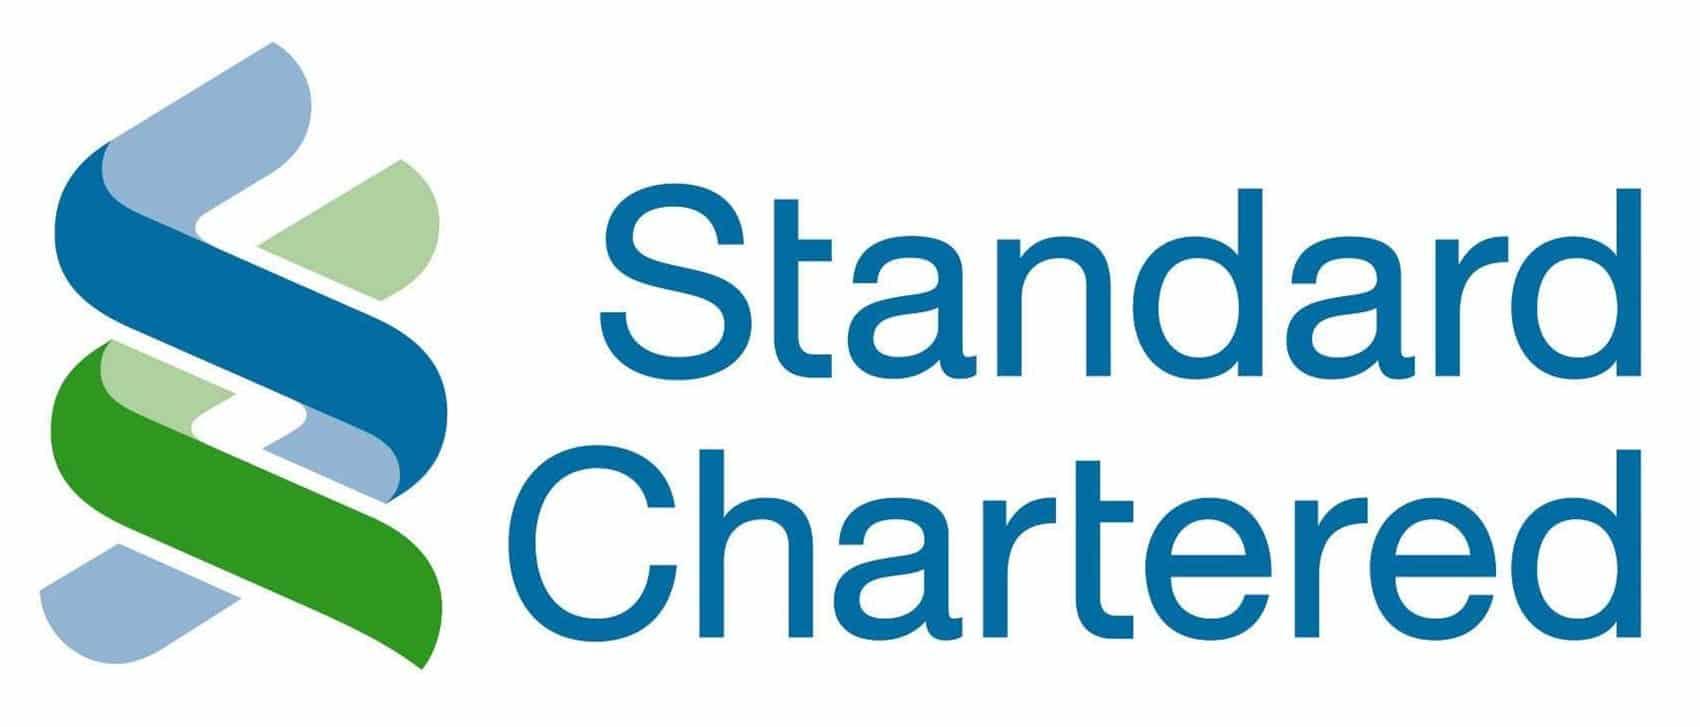 Standard chartered online investment gymnosporia gentryinvestments